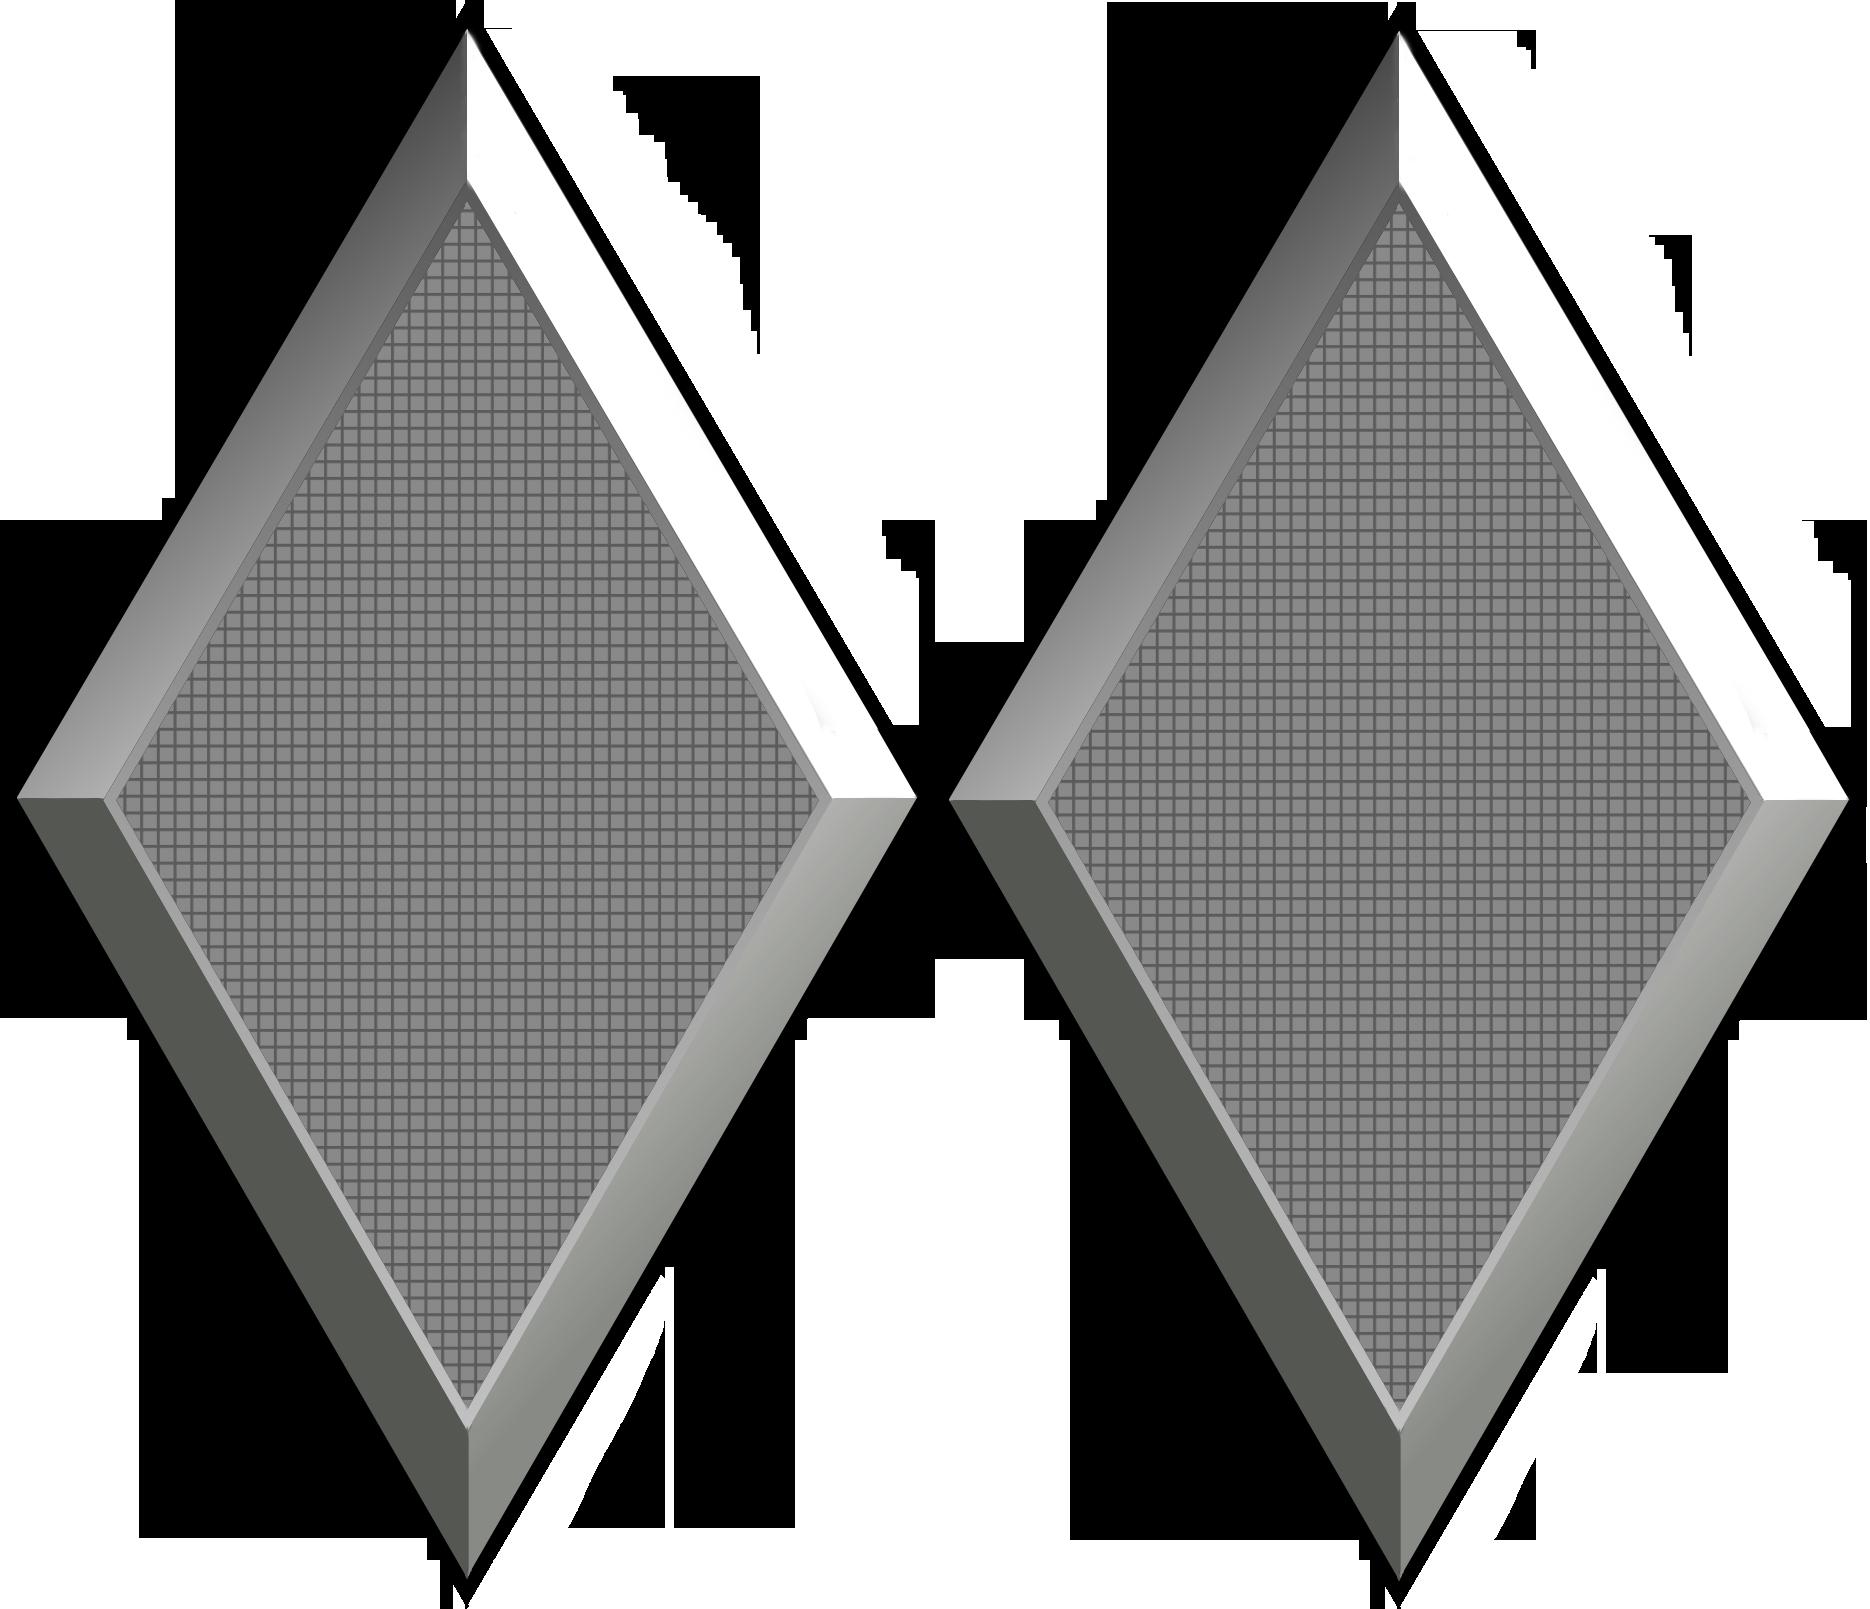 Fileus cap cadet lt colg wikipedia fileus cap cadet lt colg altavistaventures Images